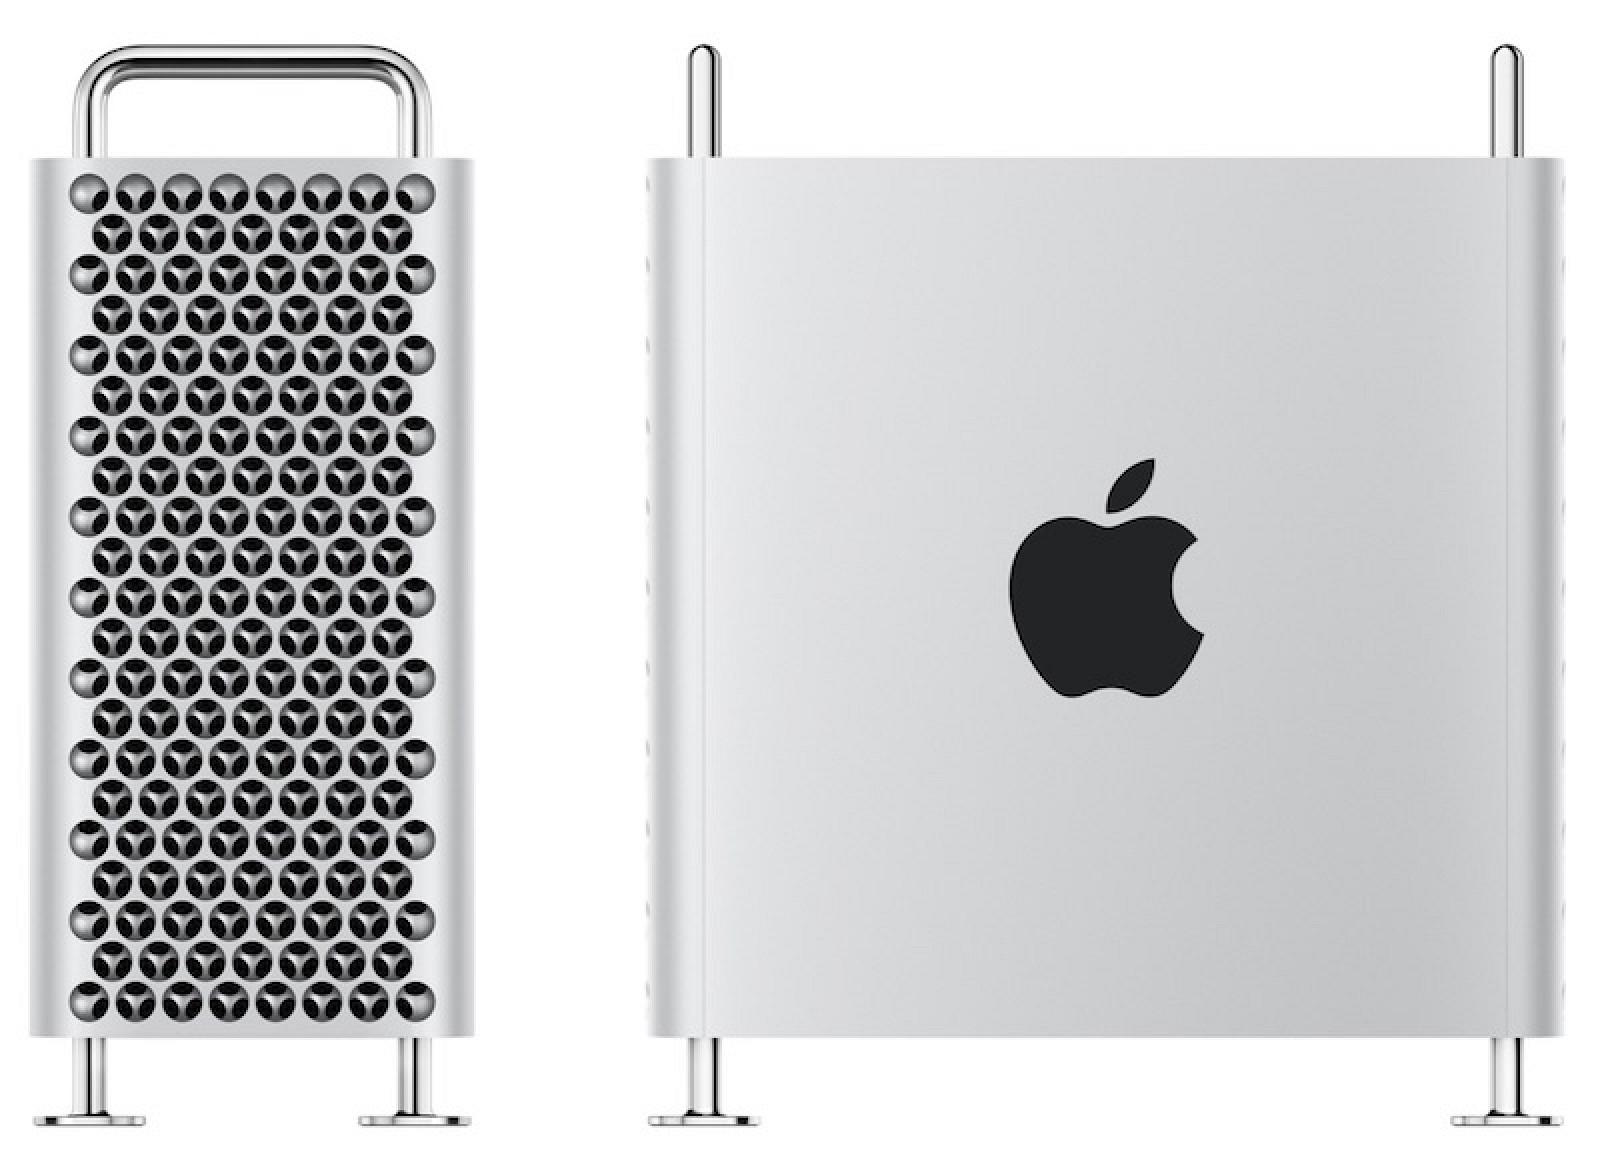 0d5082406 MacRumors  Apple Mac iPhone Rumors and News